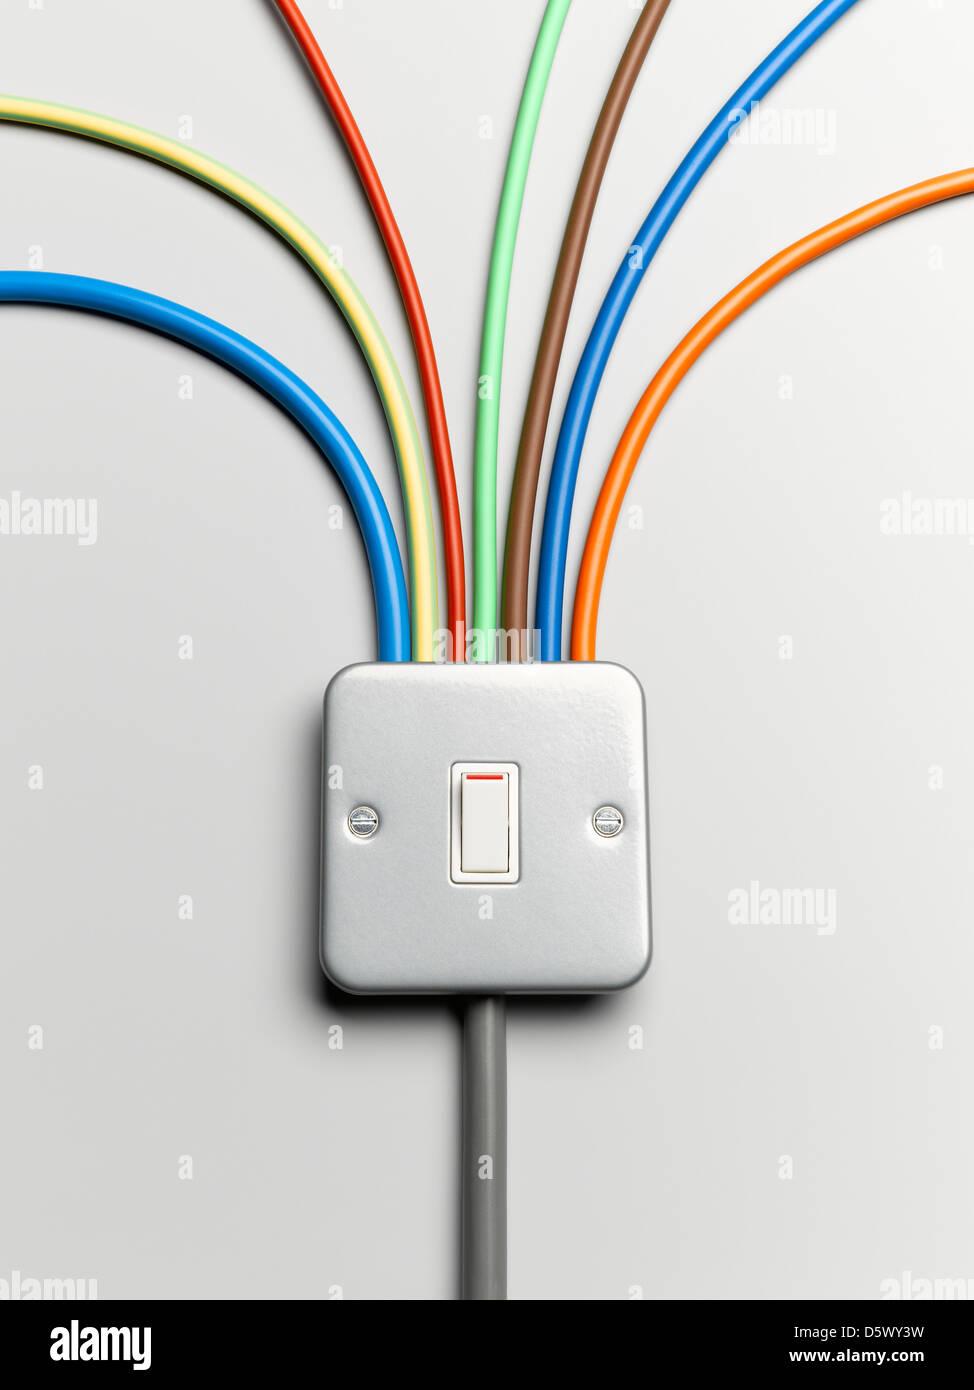 Corde colorate dall'interruttore delle luci Immagini Stock